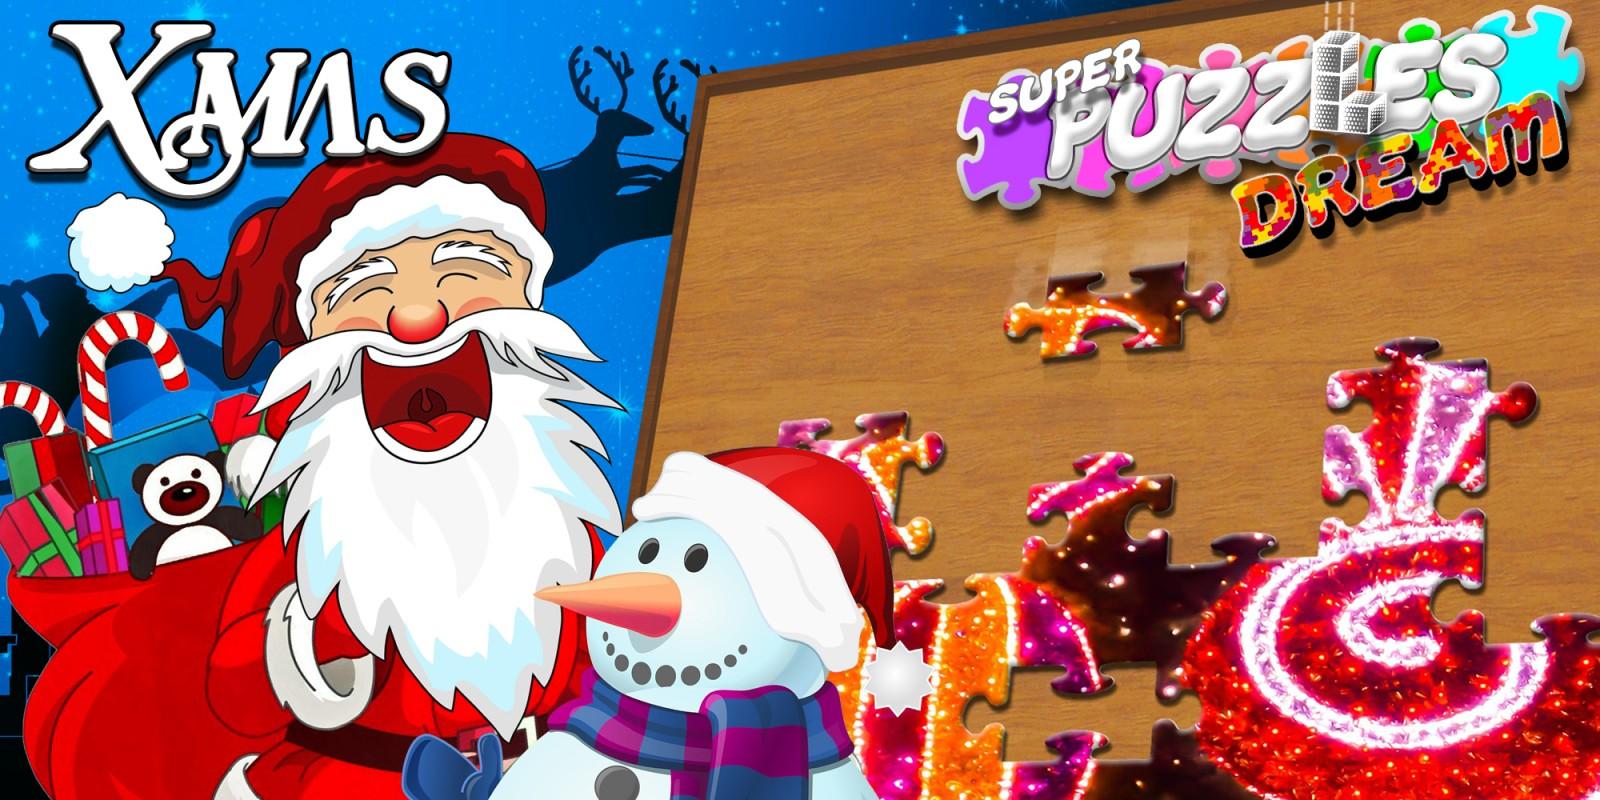 #Xmas, Super Puzzles Dream